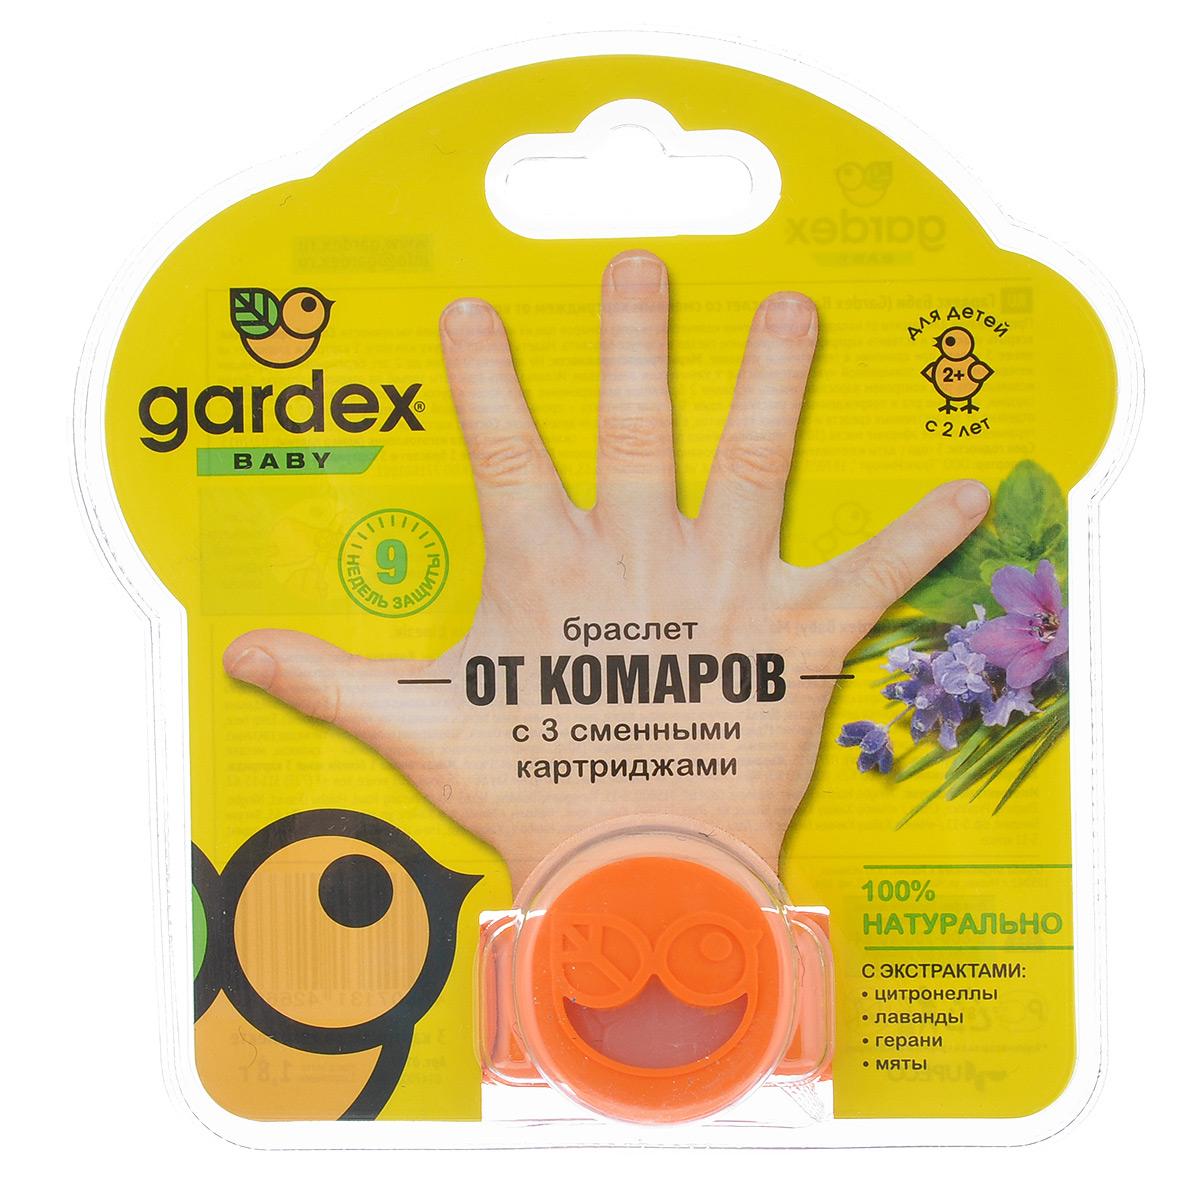 Браслет от комаров Gardex Baby, 3 сменных картриджа, цвет: оранжевый147 оранжевыйУдобный браслет Gardex Baby предназначен для защиты от нападения (уменьшения количества укусов) комаров при их низкой и средней численности. Содержит натуральные экстракты цитронеллы, лаванды, герани, мяты. Использование браслета на природе сокращает вероятность укусов насекомых. Репеллентный эффект 1 картриджа сохраняется до 3 недель при хранении в герметичной упаковке. Браслет рекомендуется носить не более 6 часов, использовать только на открытом воздухе и не более 2 штук одновременно. Не применять детям до 2 лет, беременным и кормящим женщинам, лицам с повышенной чувствительностью к резким запахам. Не допускать контакта средства с глазами, полостью рта и поврежденными участками кожи. В случае попадания - промыть водой. В сезон повышенной активности насекомых рекомендуем дополнительно использовать репеллентные средства Gardex для нанесения на кожу и одежду.Предназначен для детей старше 2-х лет. Состав картриджей: эфирные масла 30%: цитронеллы, лаванды, герани, мяты; термопластичная резина. Материал браслета: силикон, металл.Товар сертифицирован.